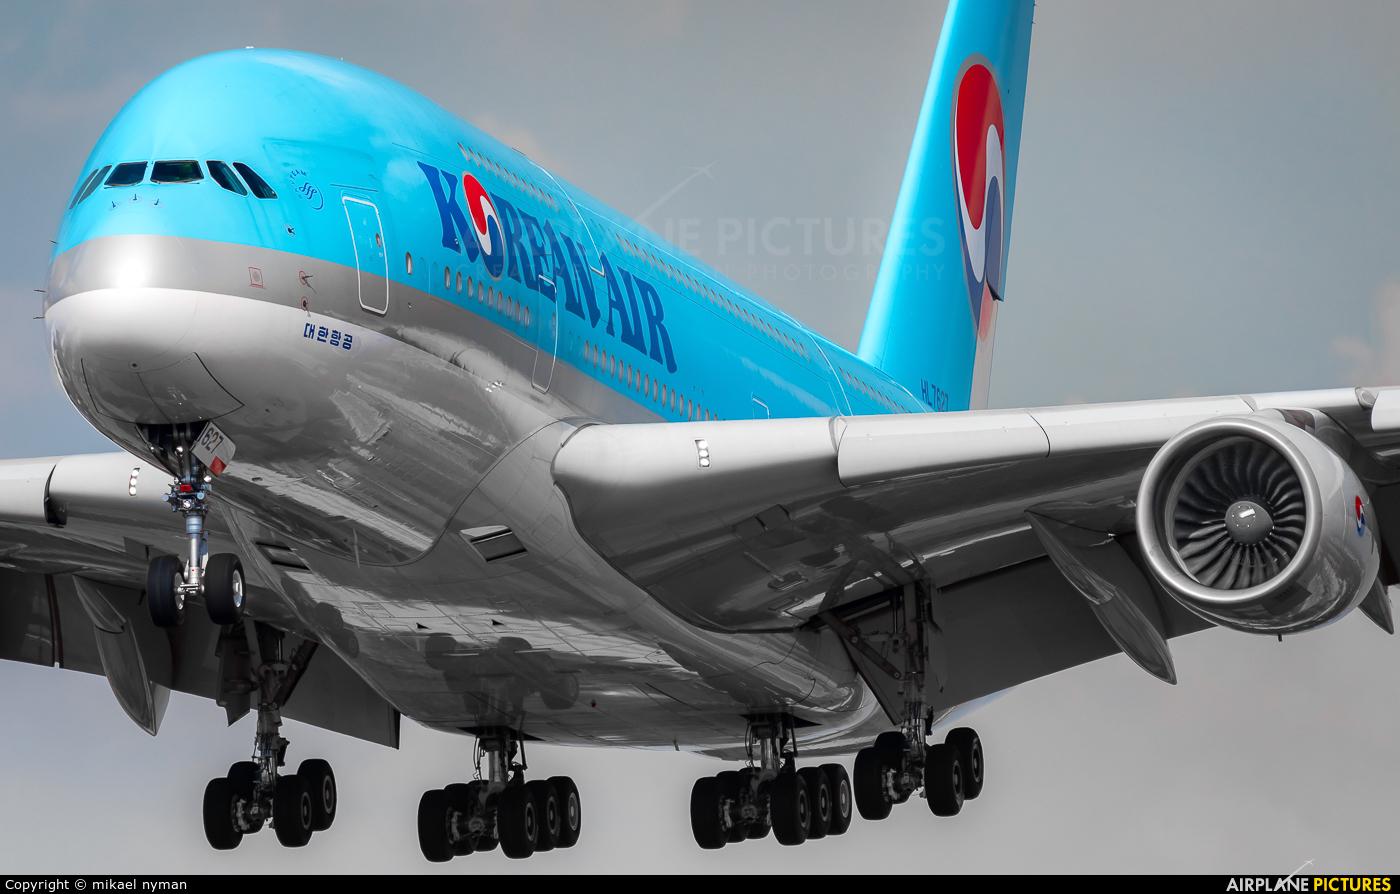 Korean Air HL7627 aircraft at London - Heathrow